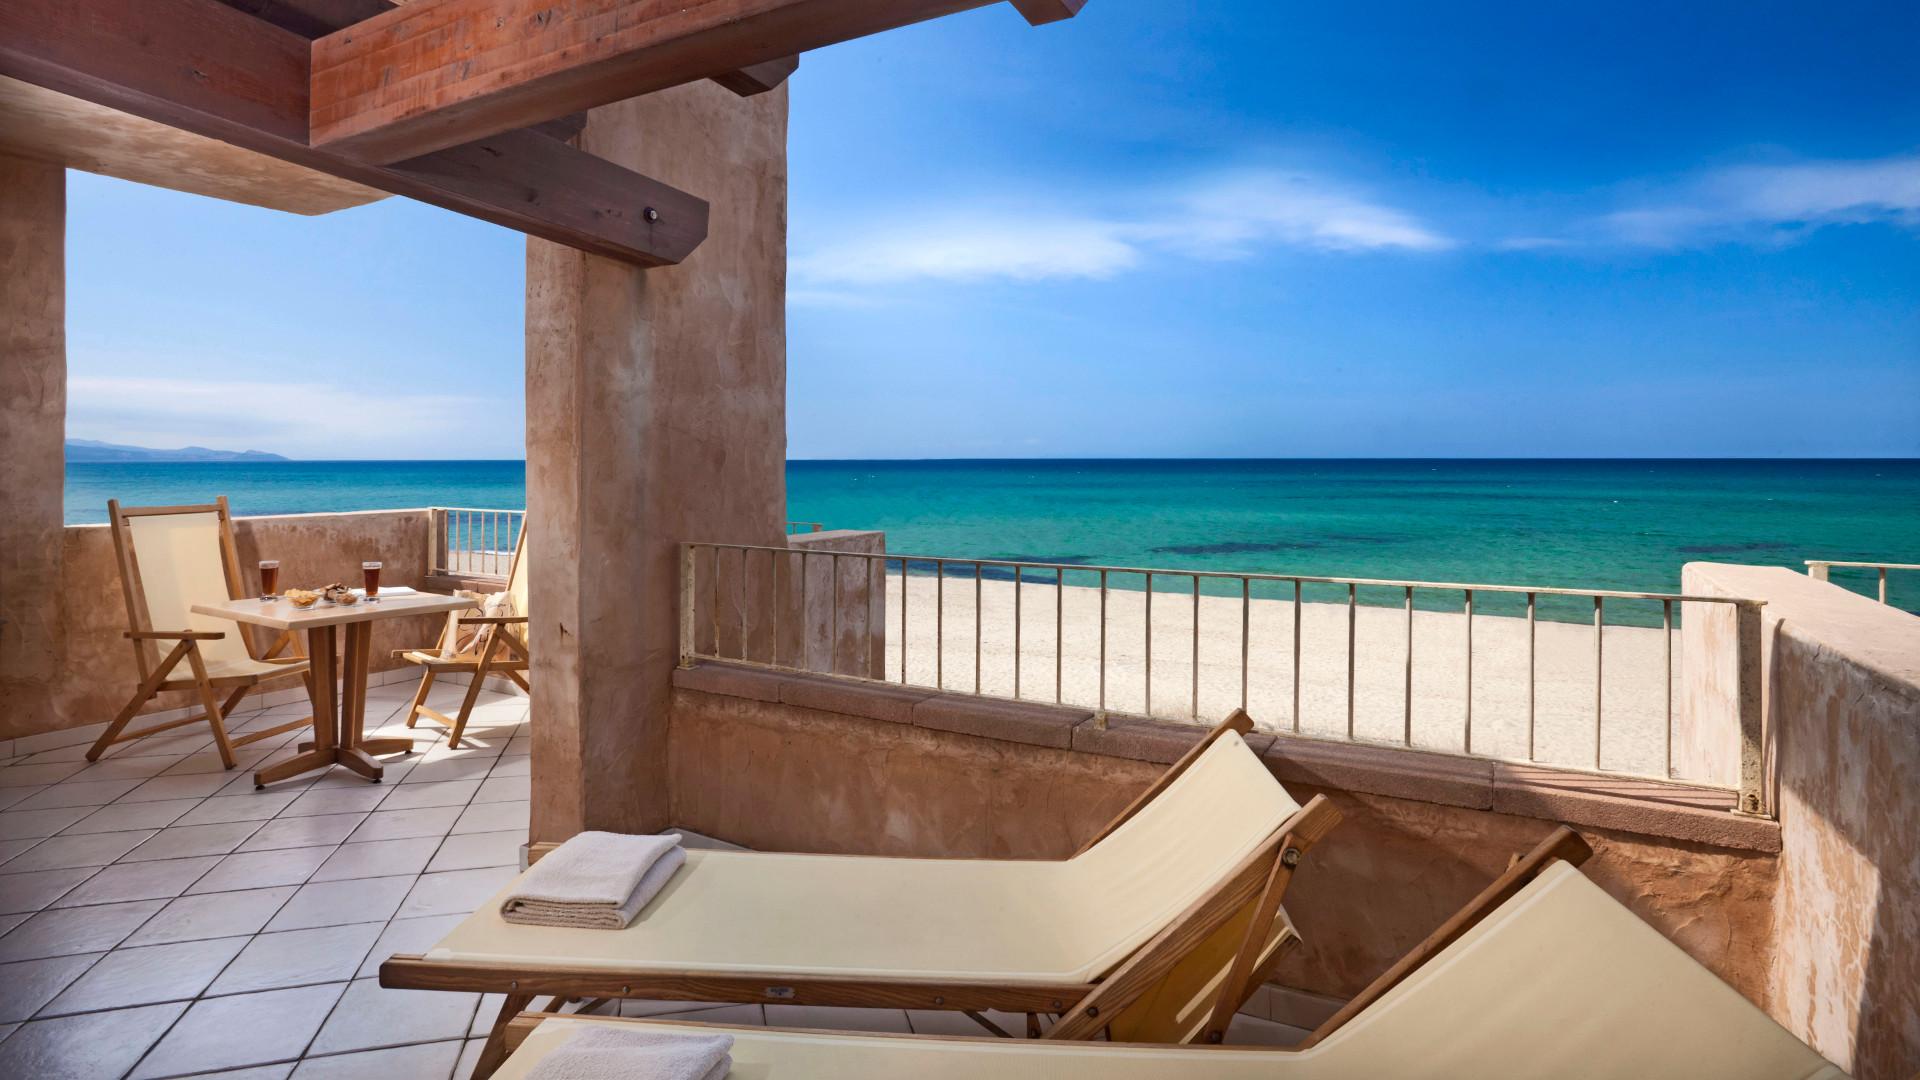 resort-le-dune-slider-camere-vista-mare-badesi-2